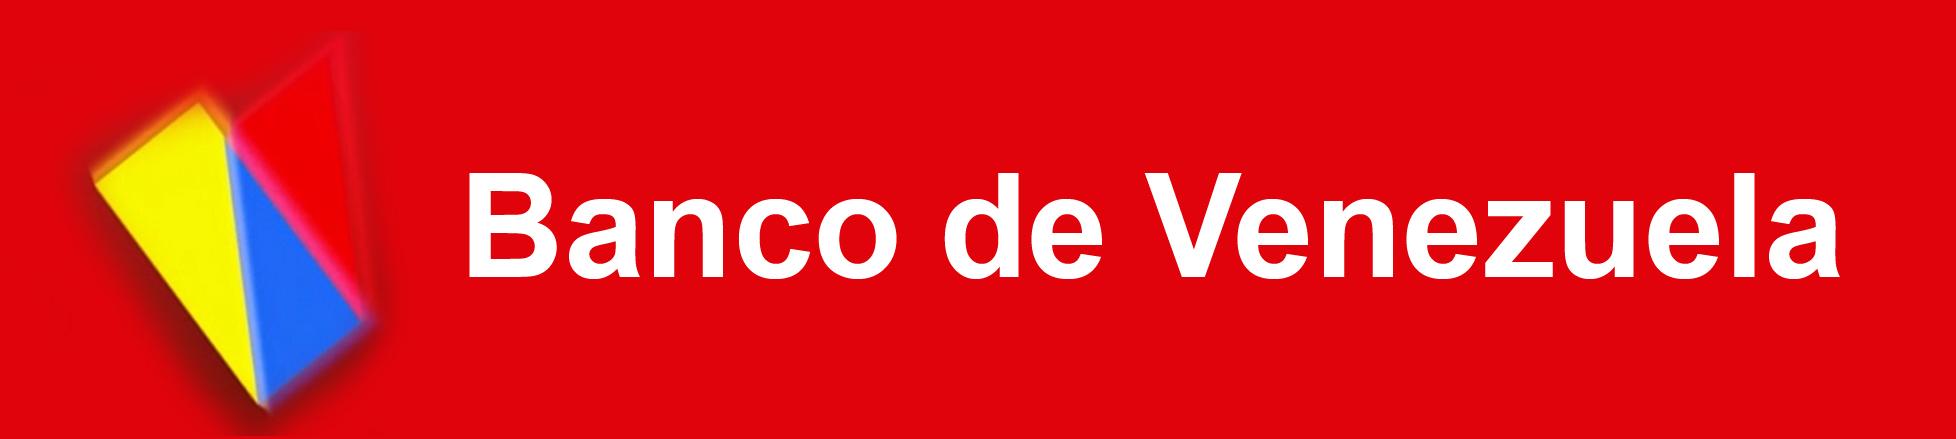 Contacto el blog del profe nelson for Hotmailbanco de venezuela